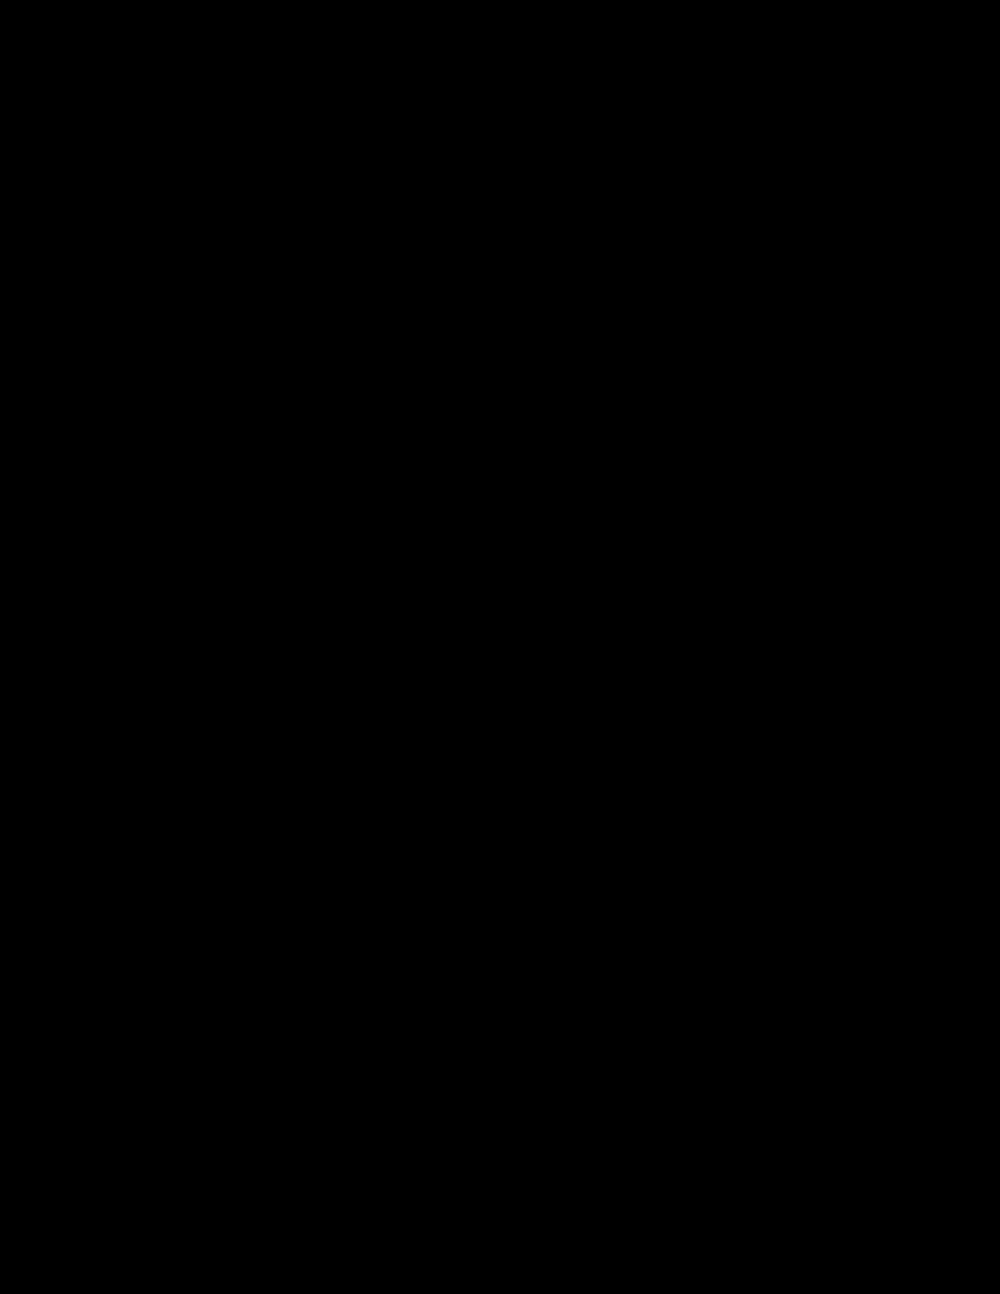 WHBV_Black-01.png